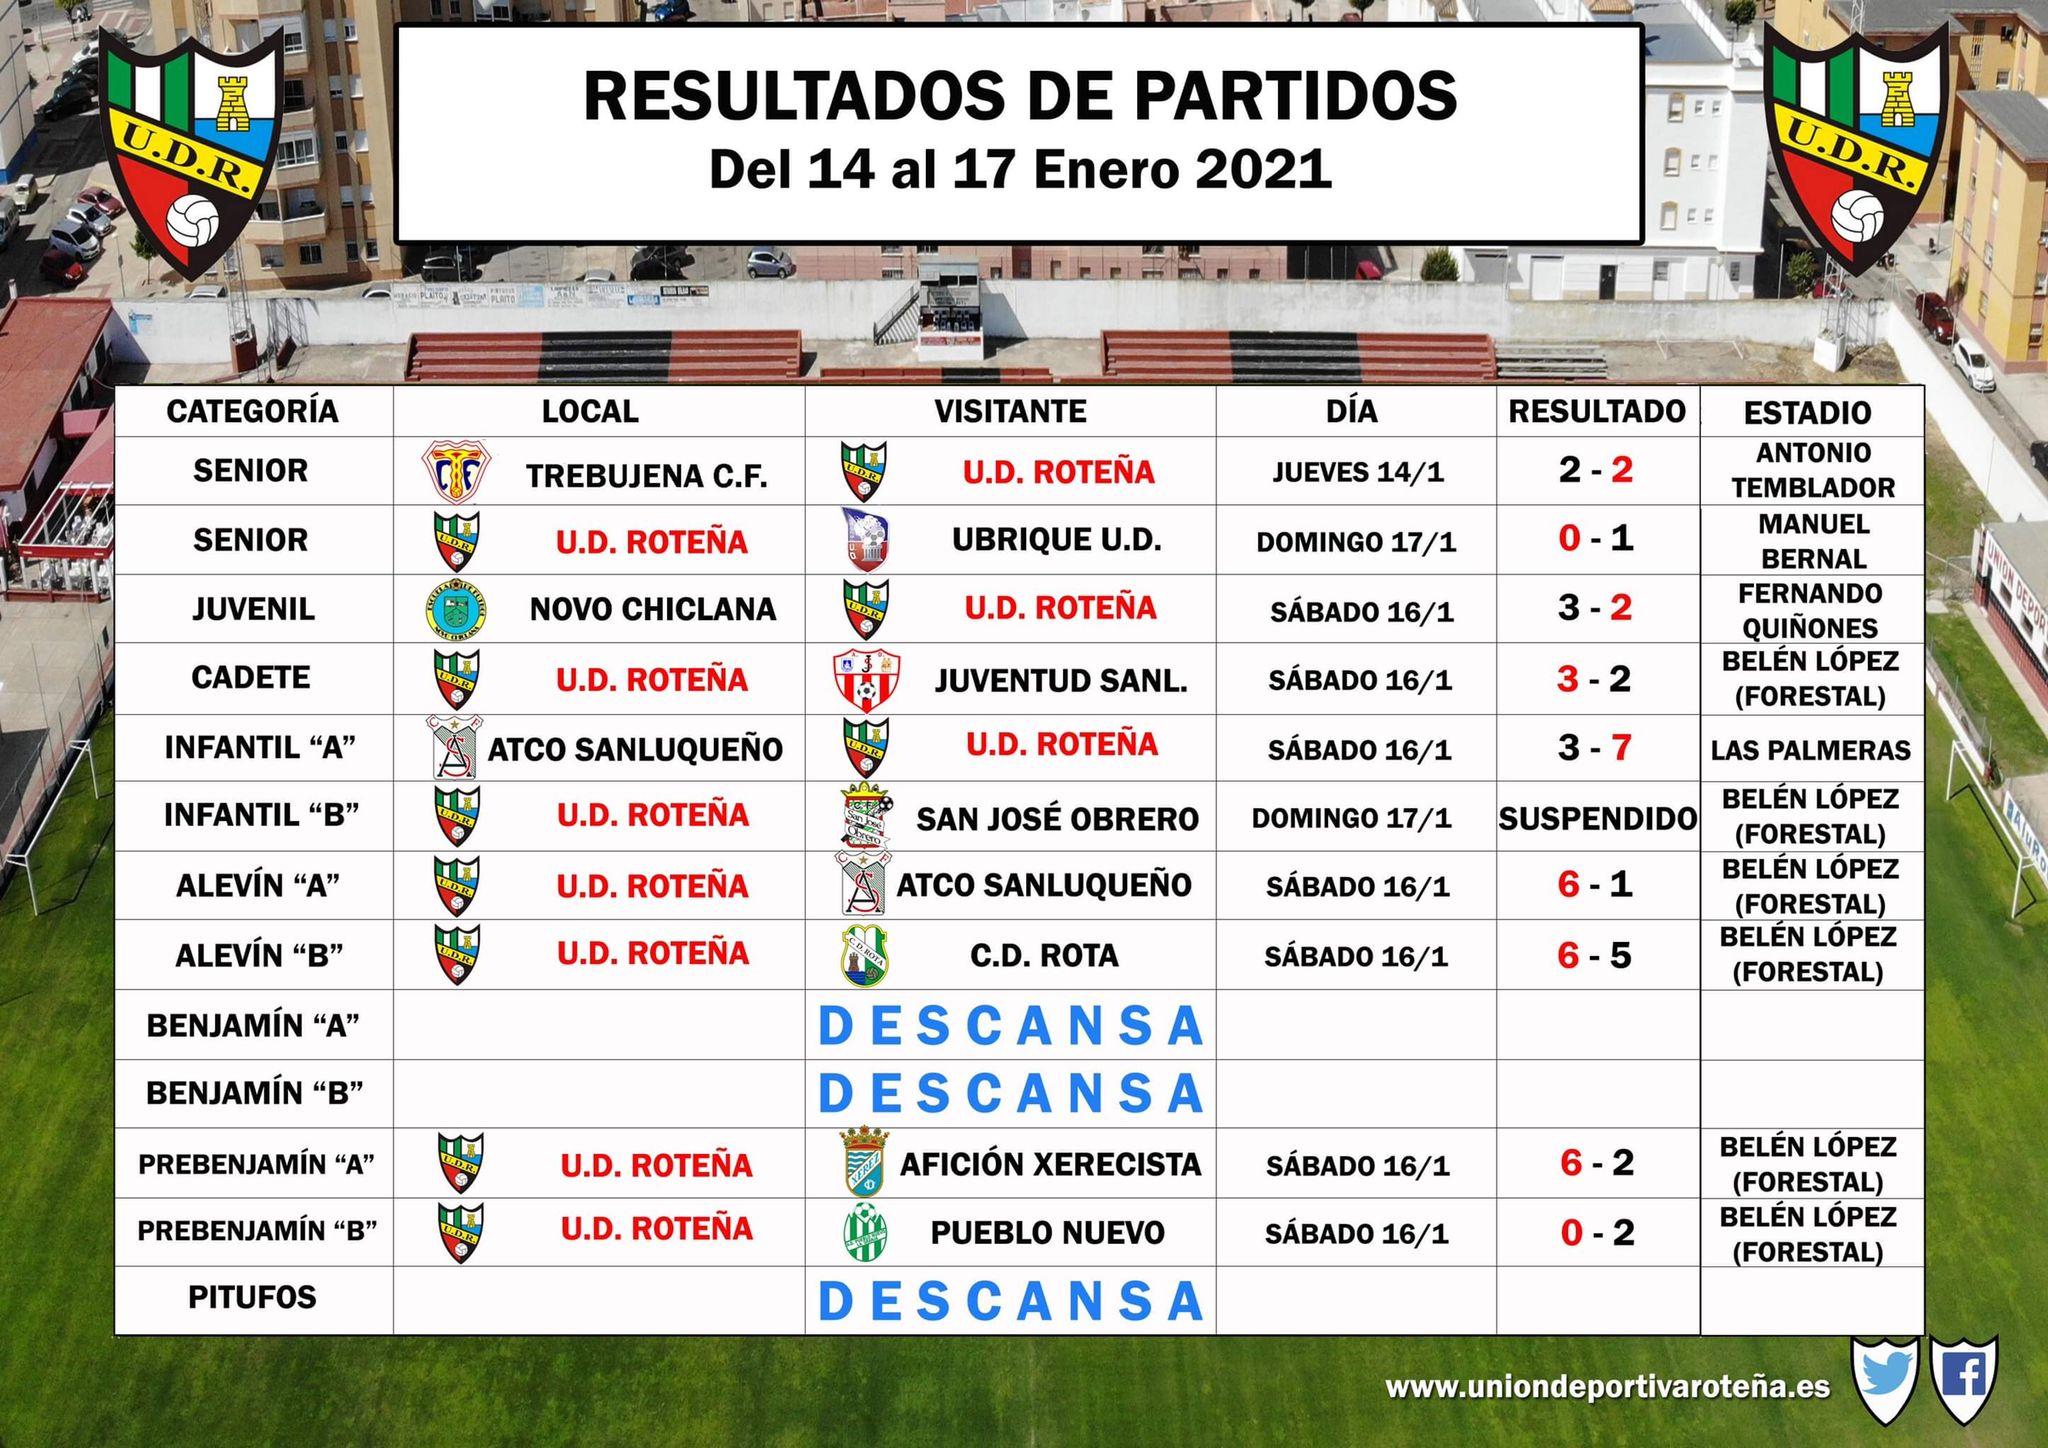 Resultados de nuestros equipos en la pasada jornada